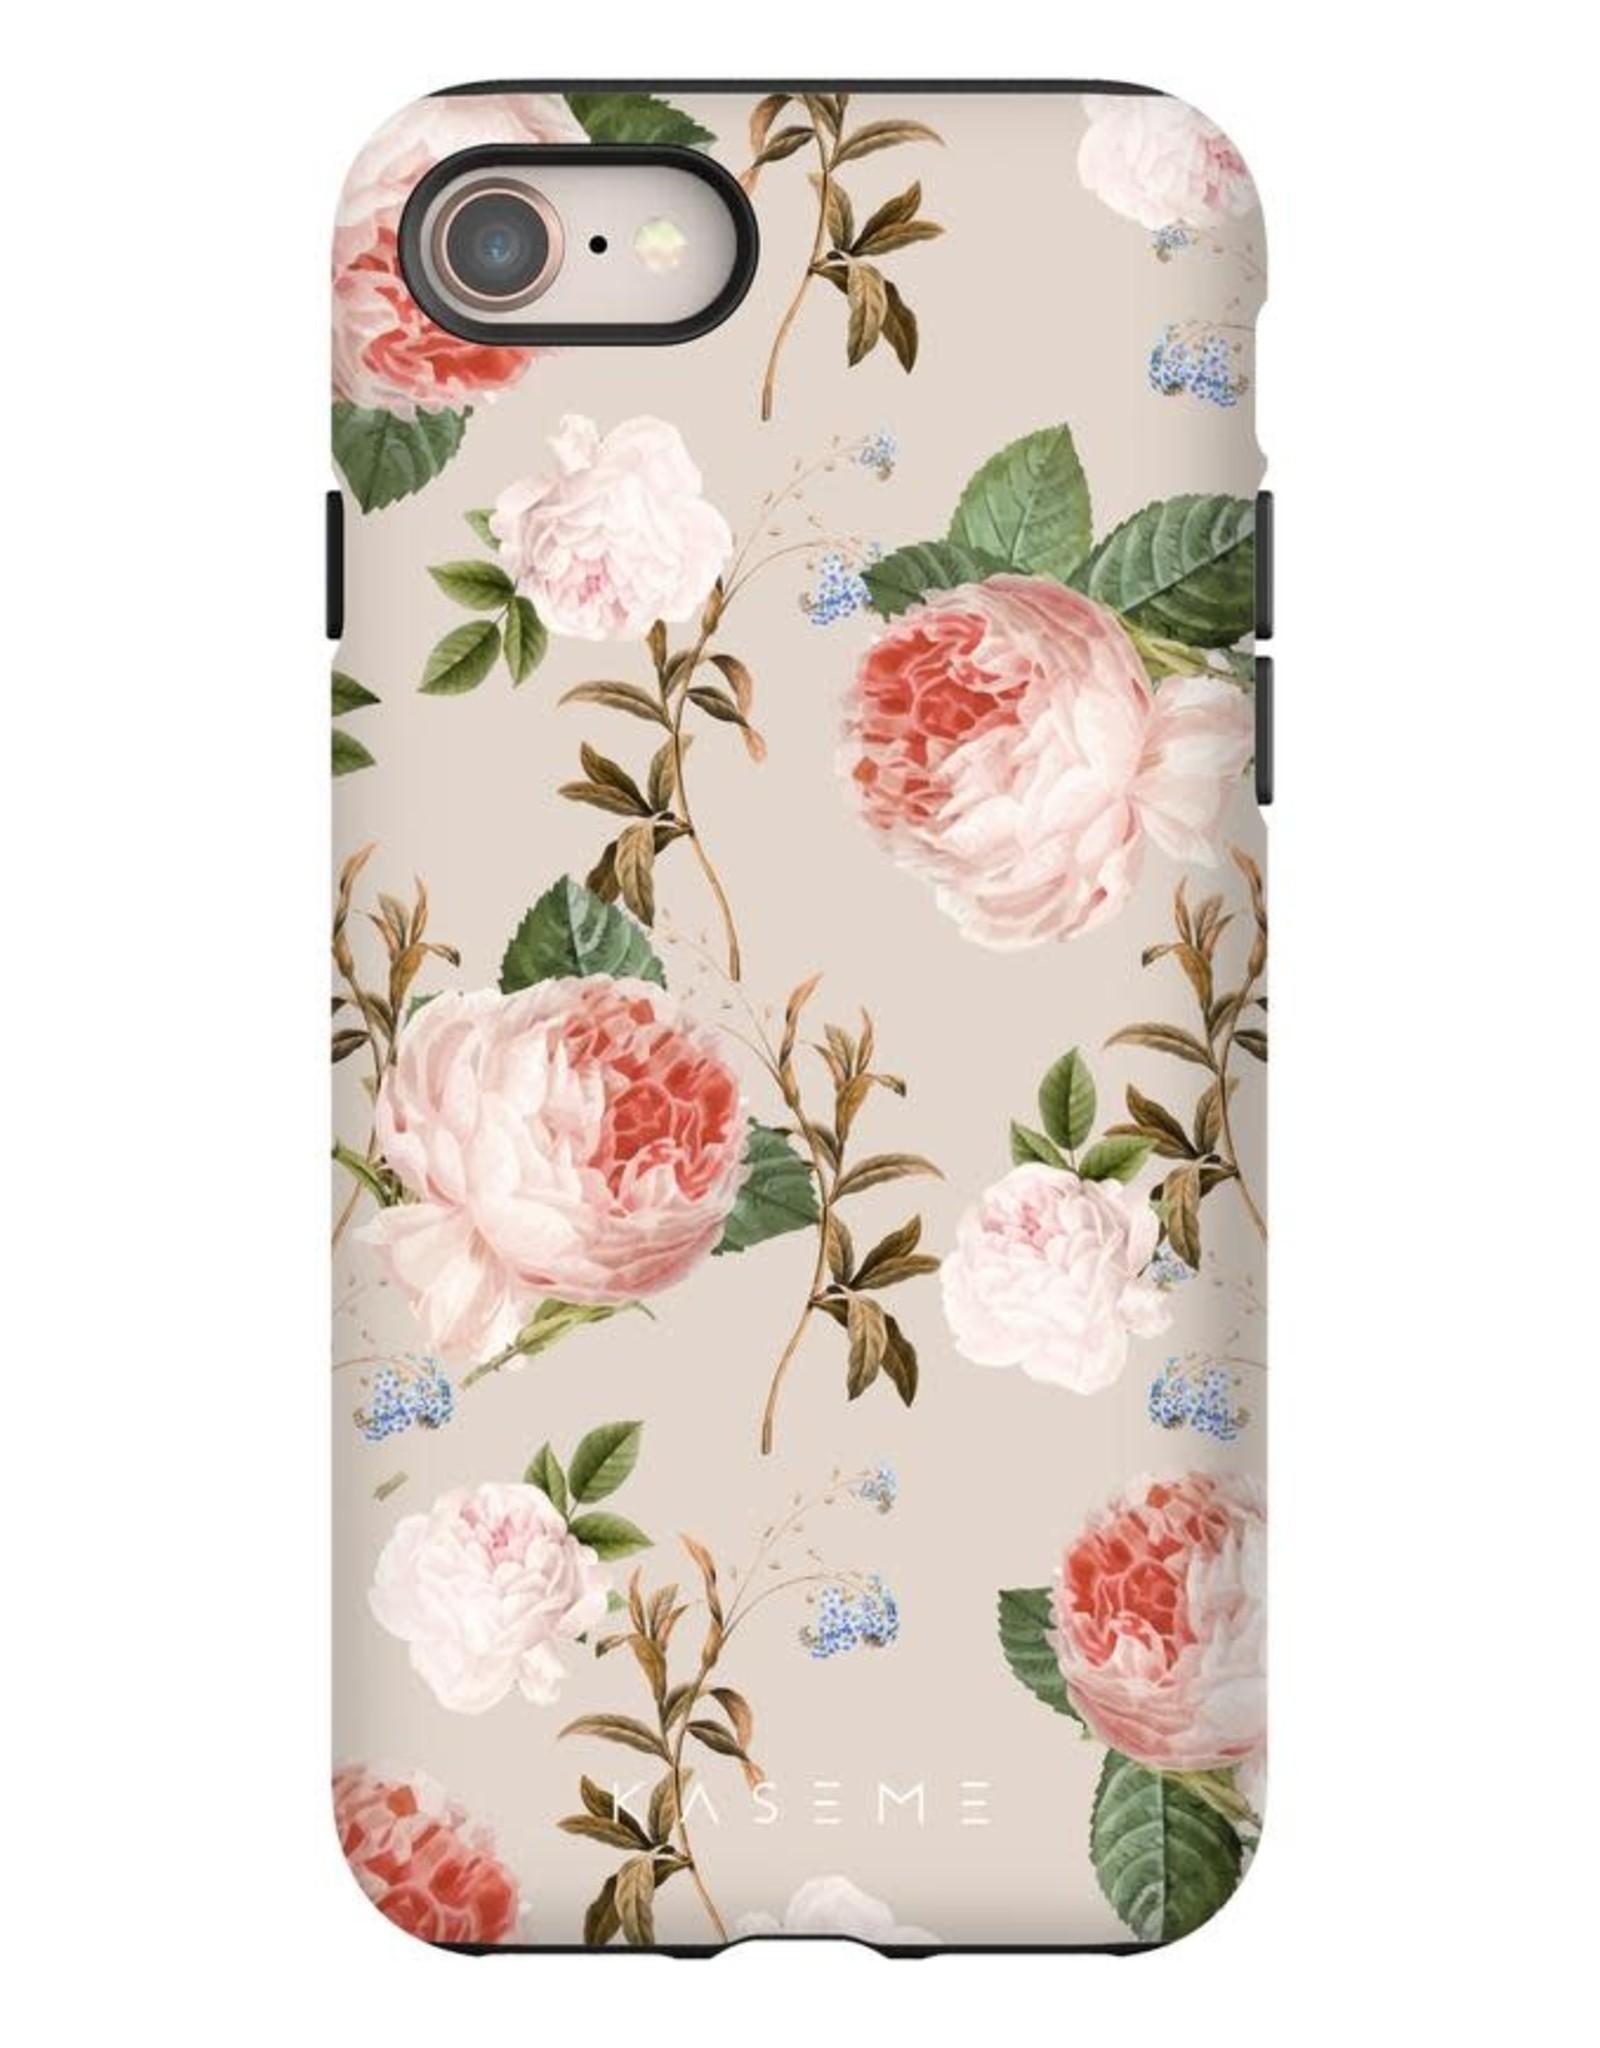 Kaseme Kaseme - étui cellulaire iPhone Colette by maude